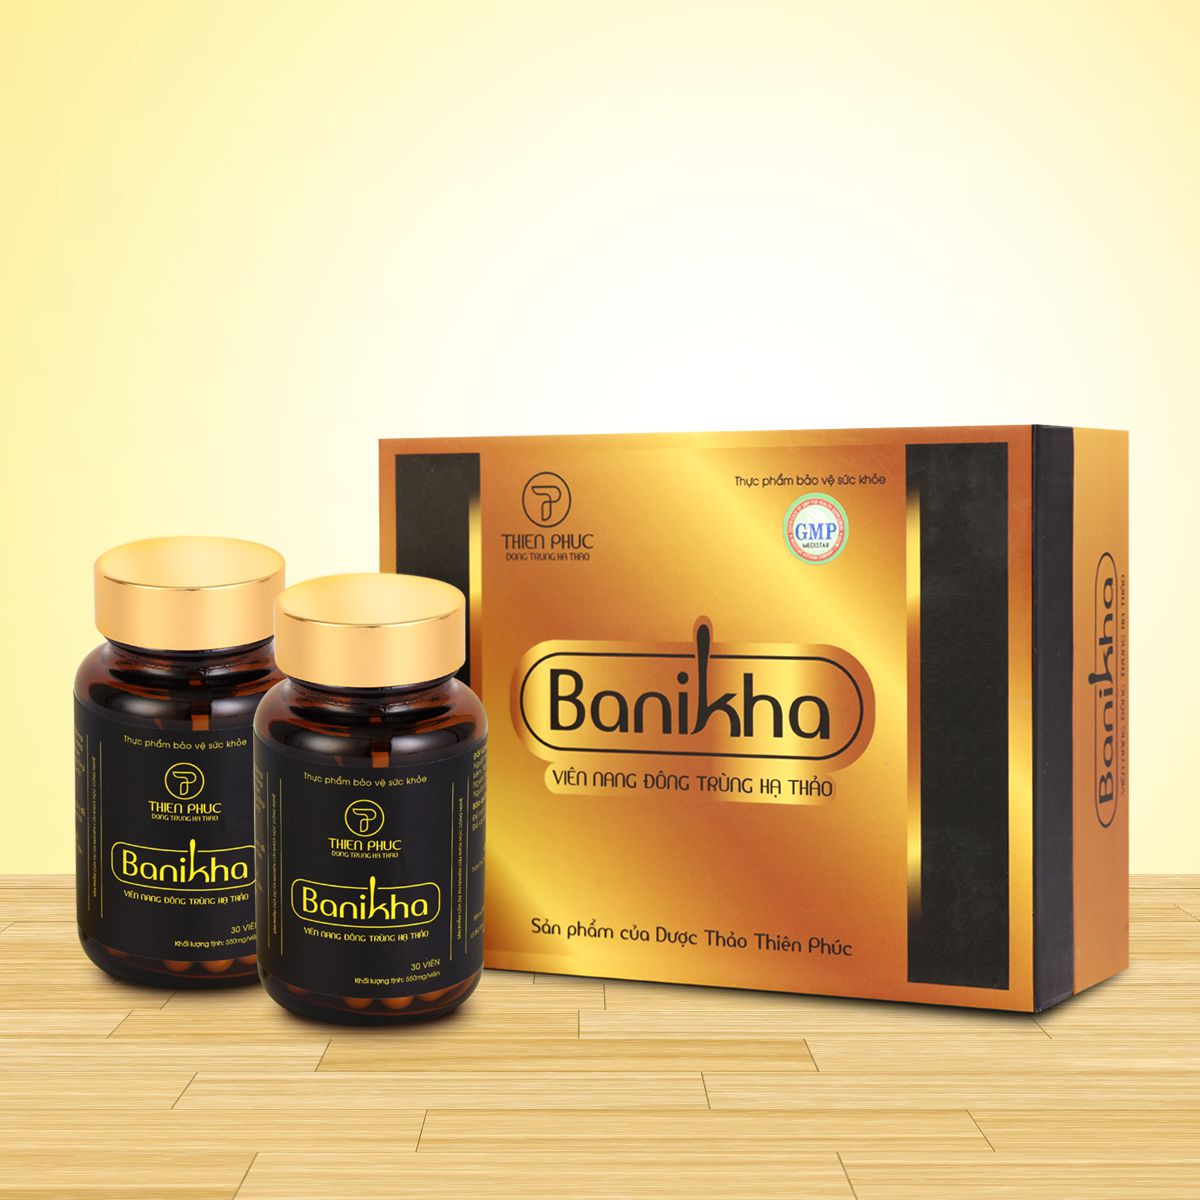 Thực phẩm bảo vệ sức khoẻ viên nang đông trùng hạ thảo Banikha